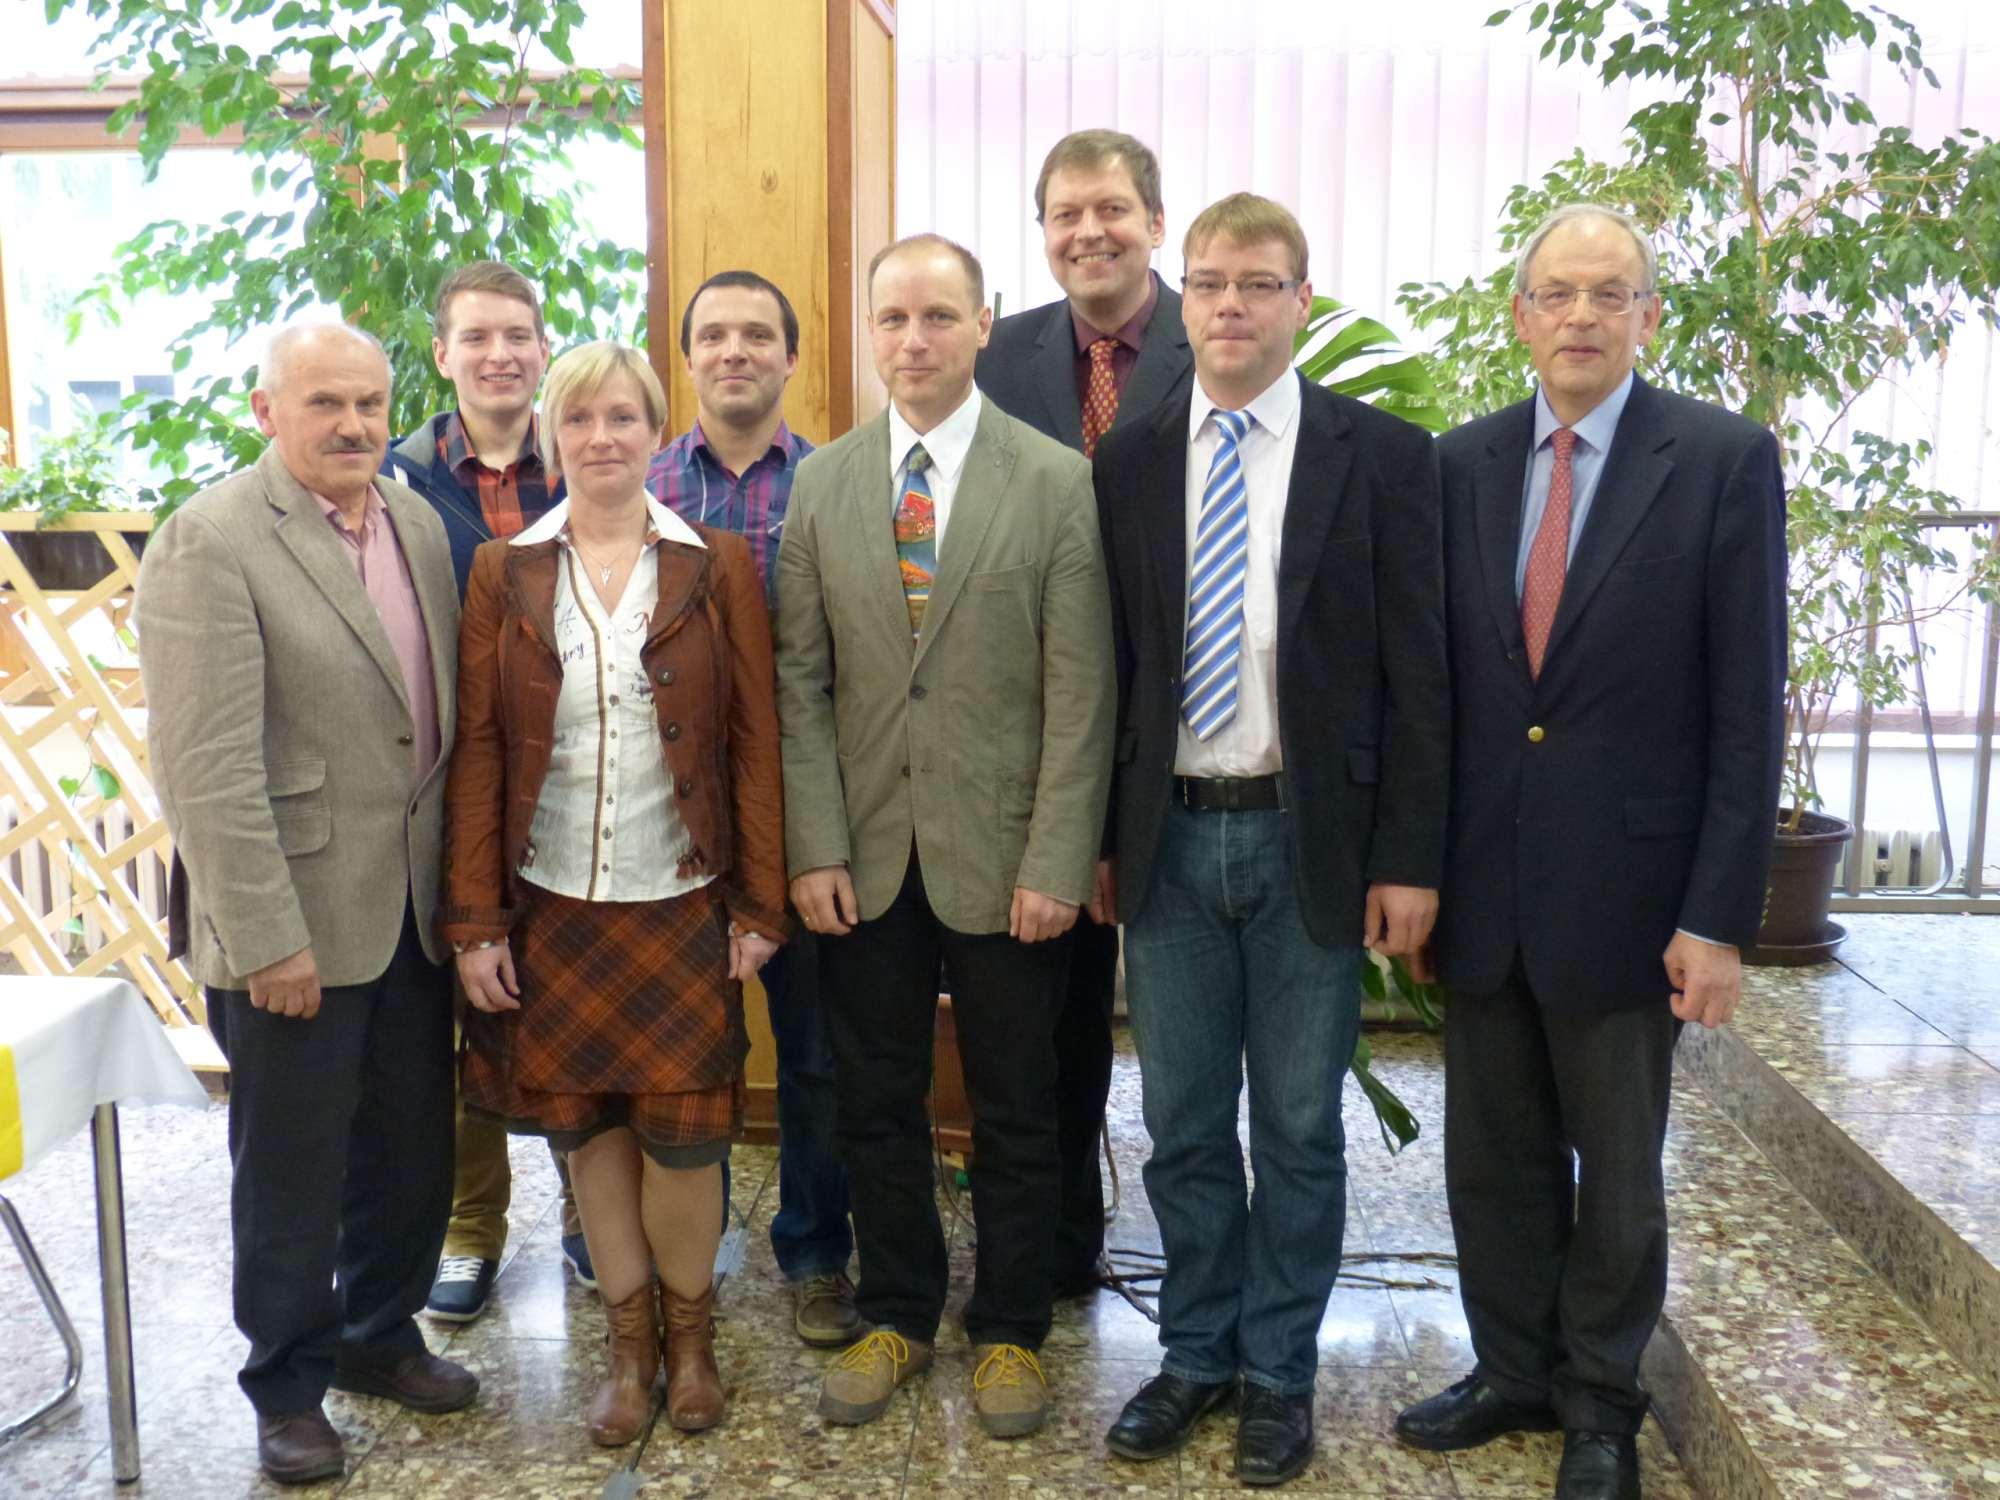 Bundesverband landwirtschaftlicher Fachbildung e.V. (vlf)